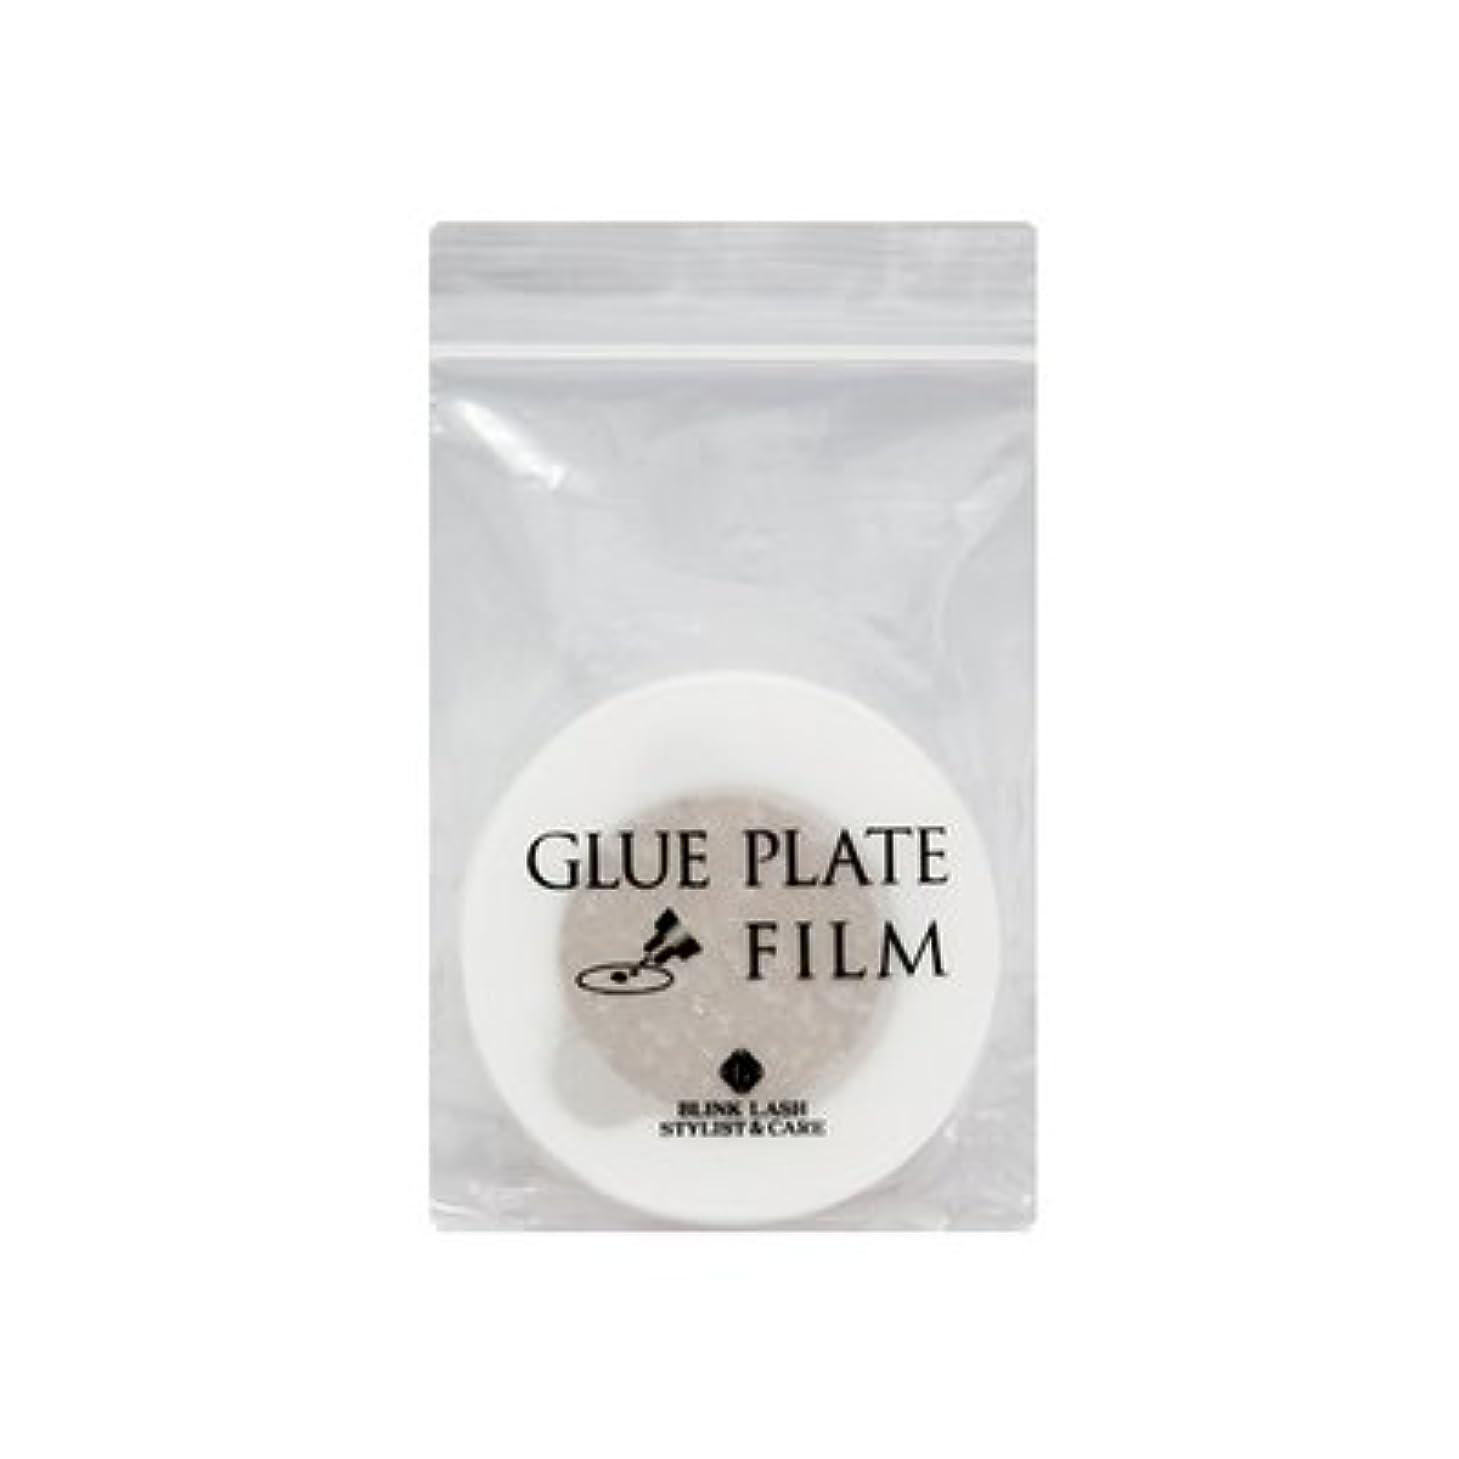 息切れ学校初期の【まつげエクステ】BLINK グループレートフィルム〈 30枚入 〉 (50mm)